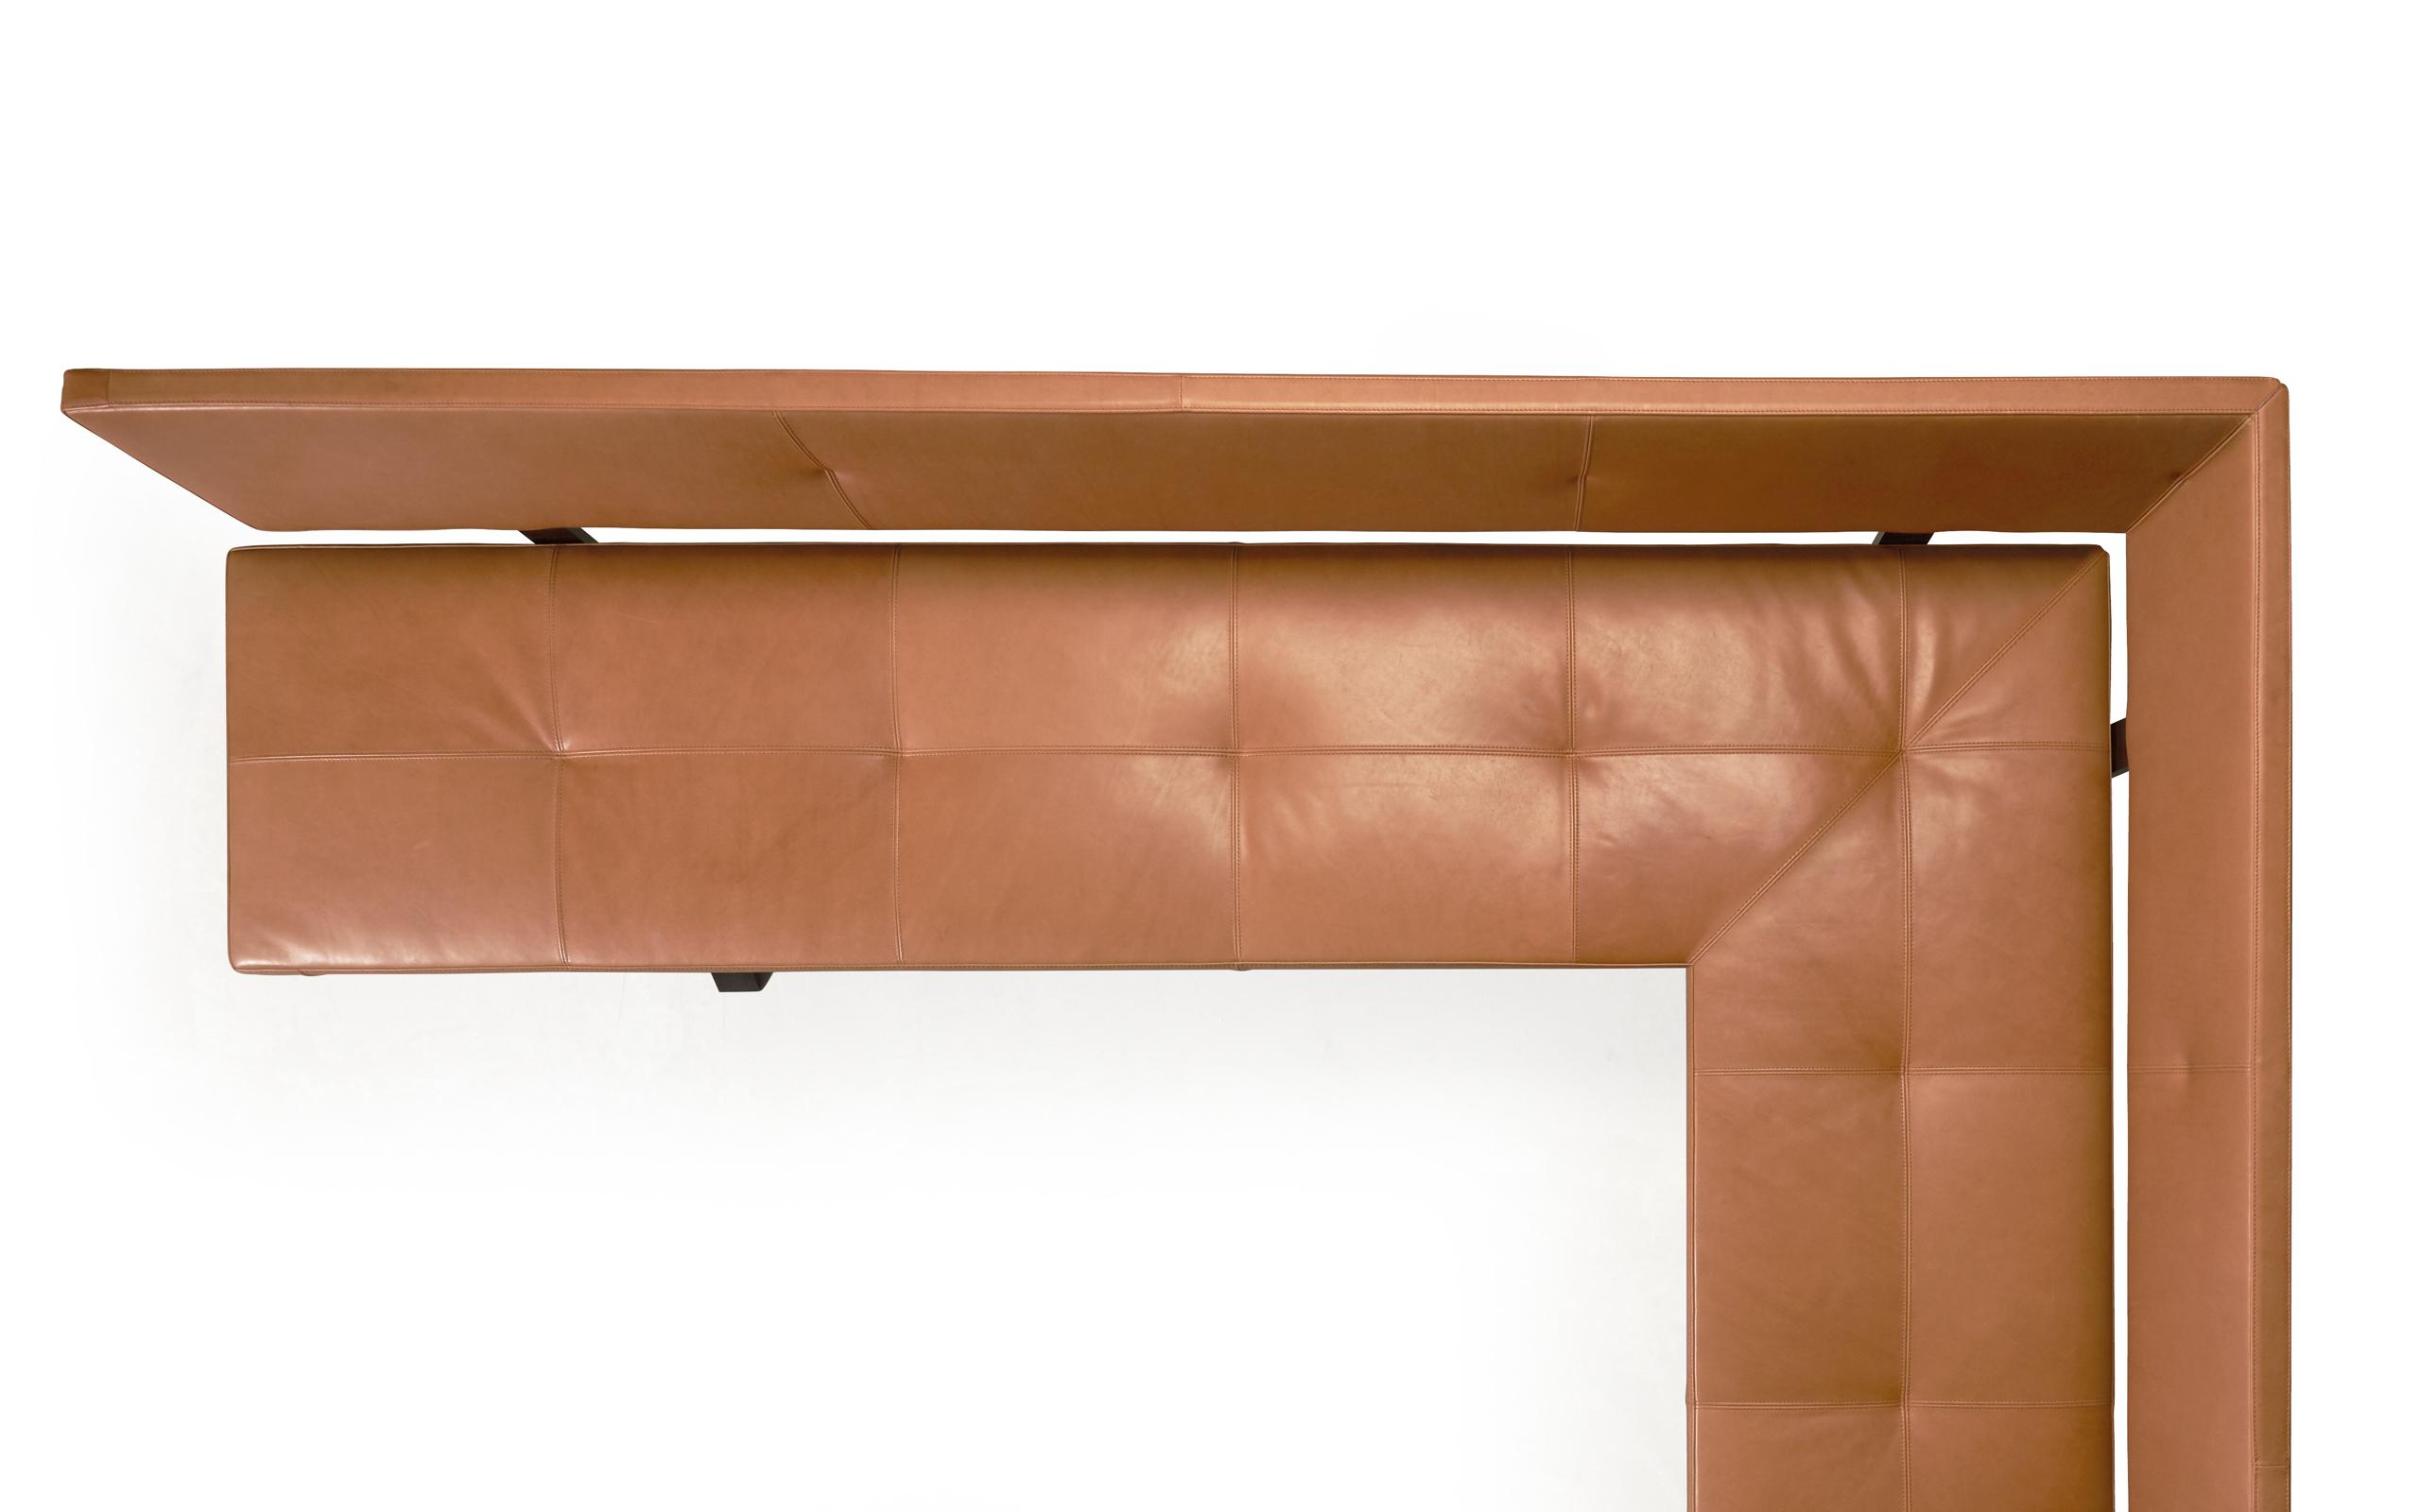 lax eckbank more. Black Bedroom Furniture Sets. Home Design Ideas